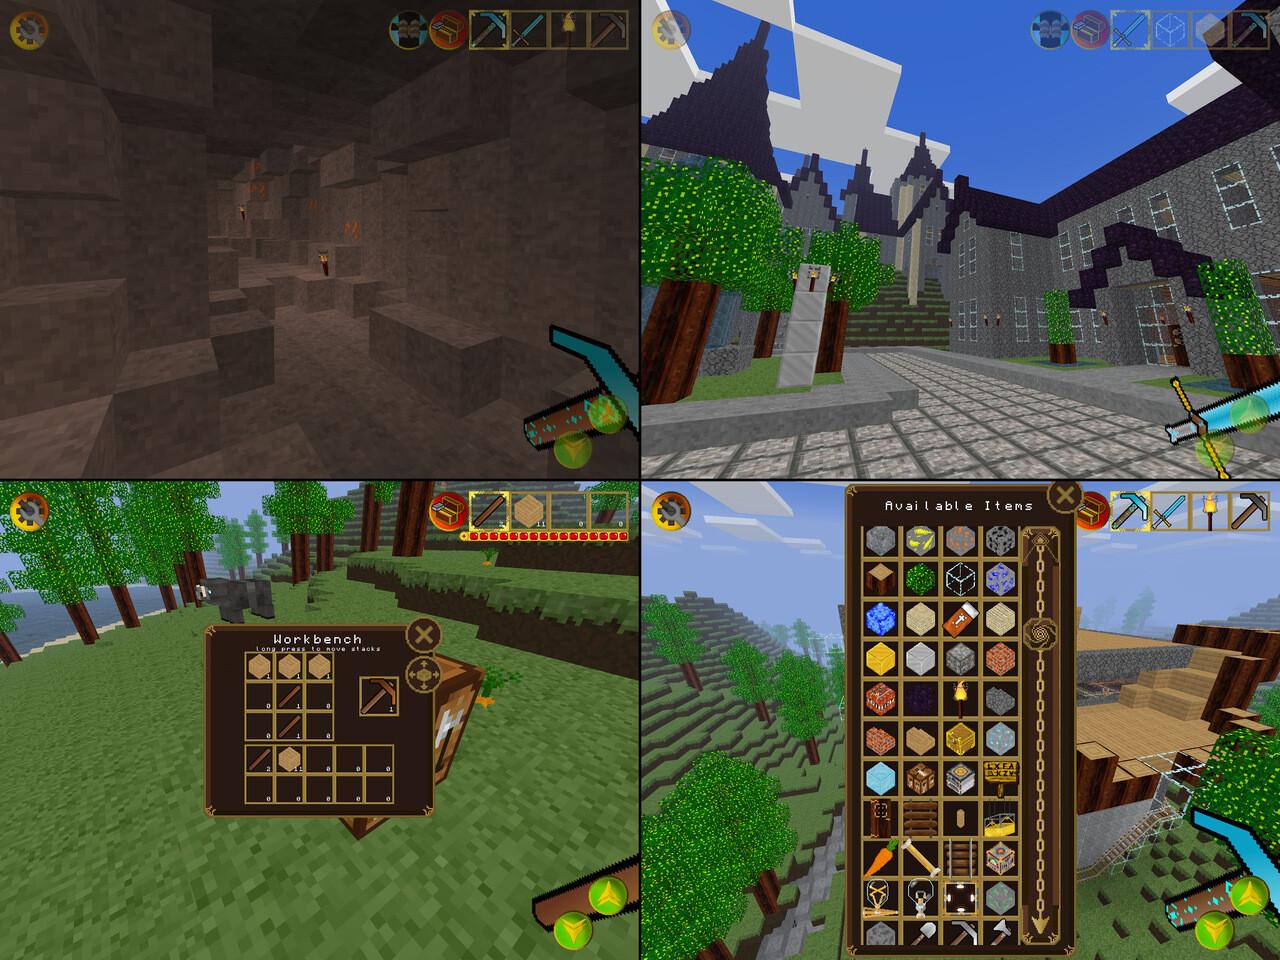 First Person Sandbox Castle Builder Game